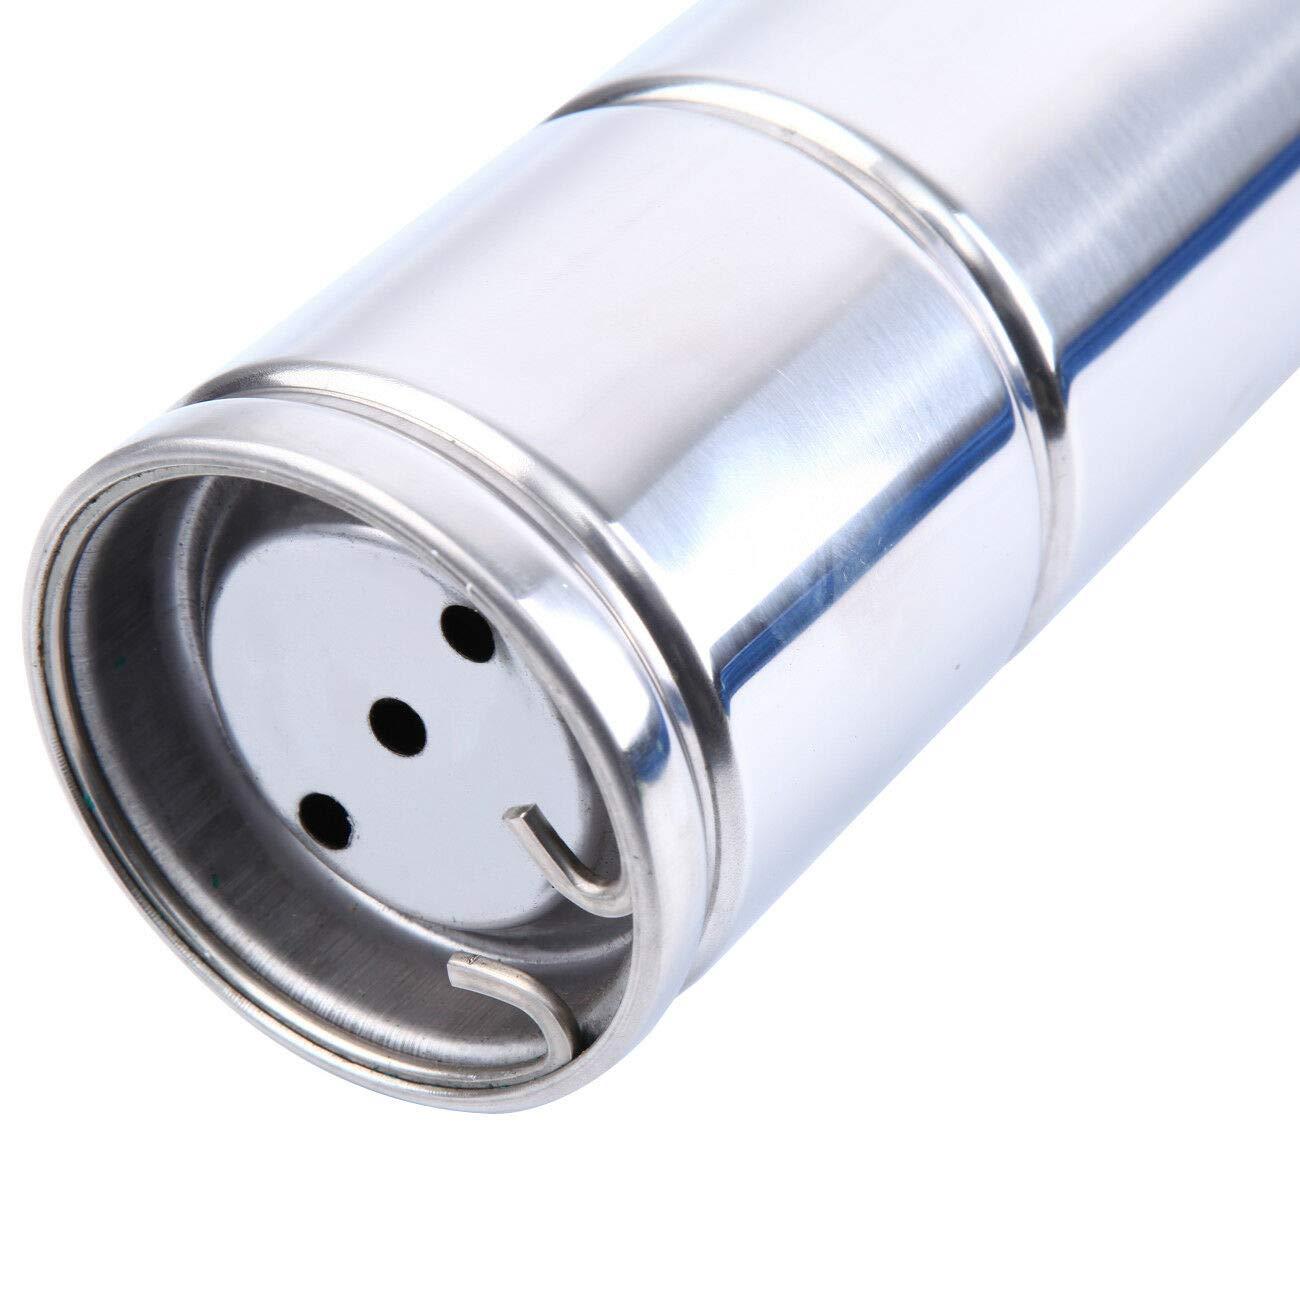 Iglobalbuy Pompe Immergee Pour Puit Profond 4000L//HMax Pompe de Puits Profond Immerg/ée Electrique Jardin 220V//50Hz 750w